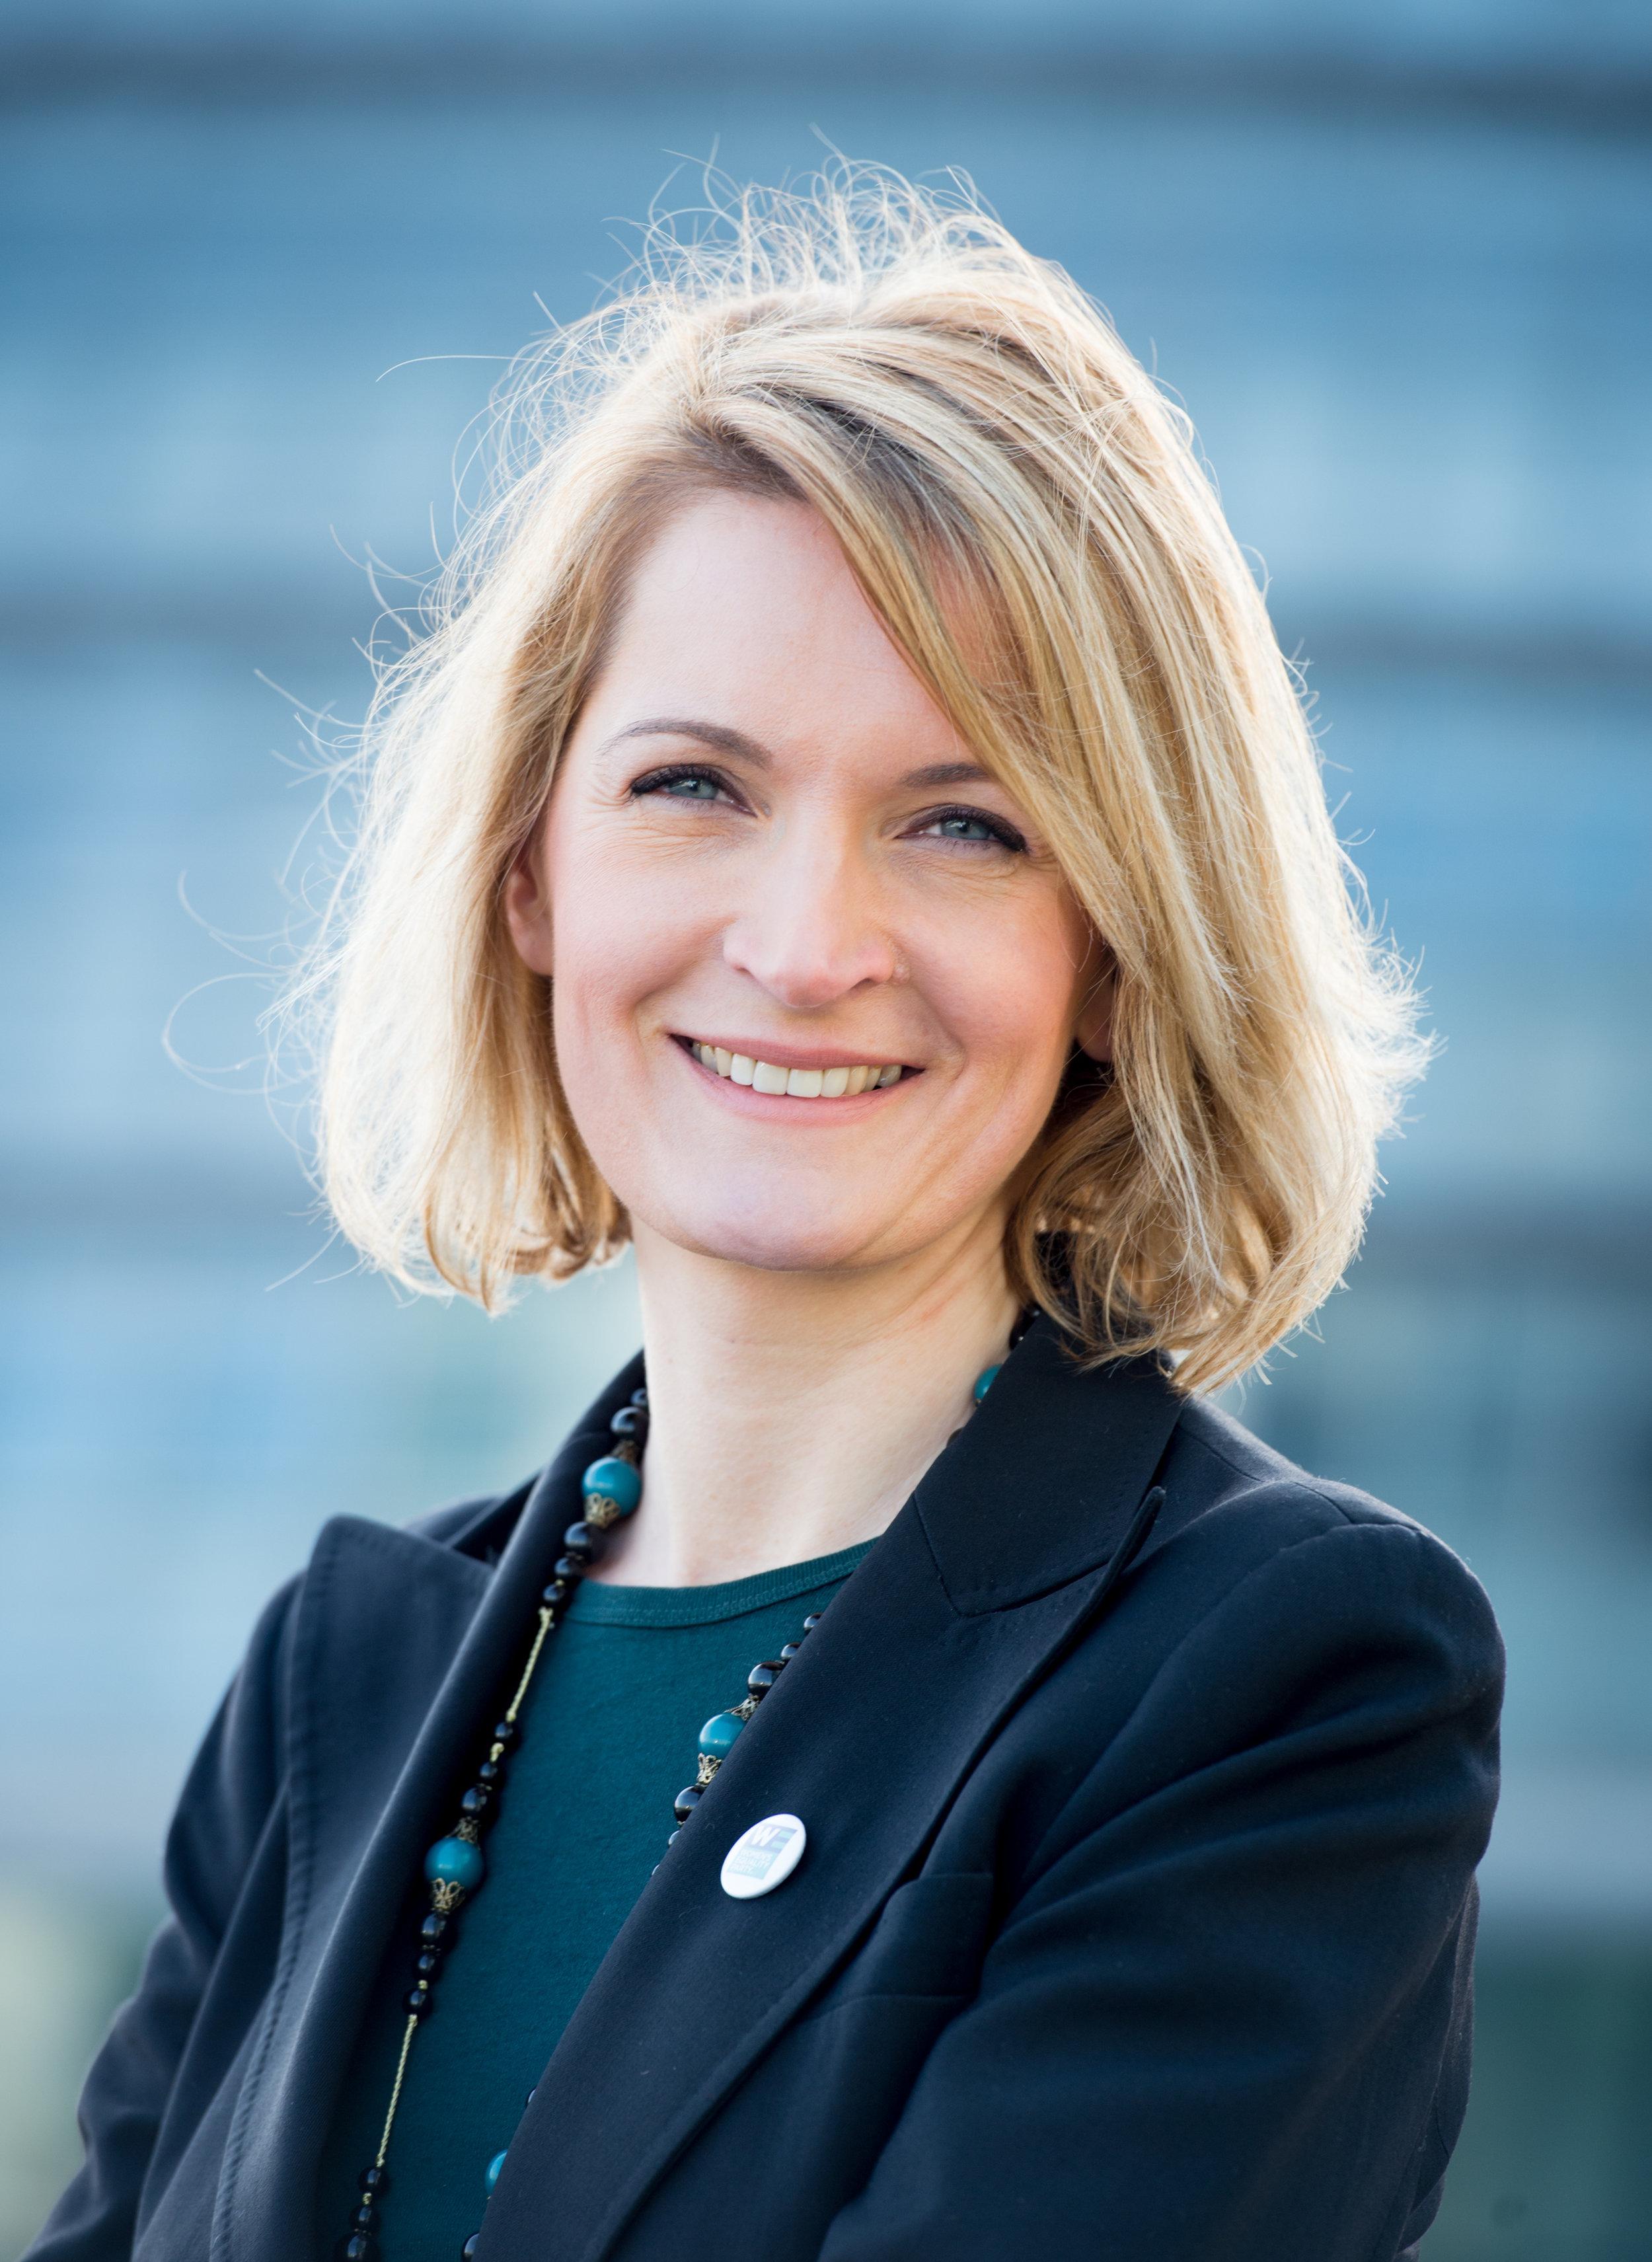 Sophie Walker, Leader, WEP